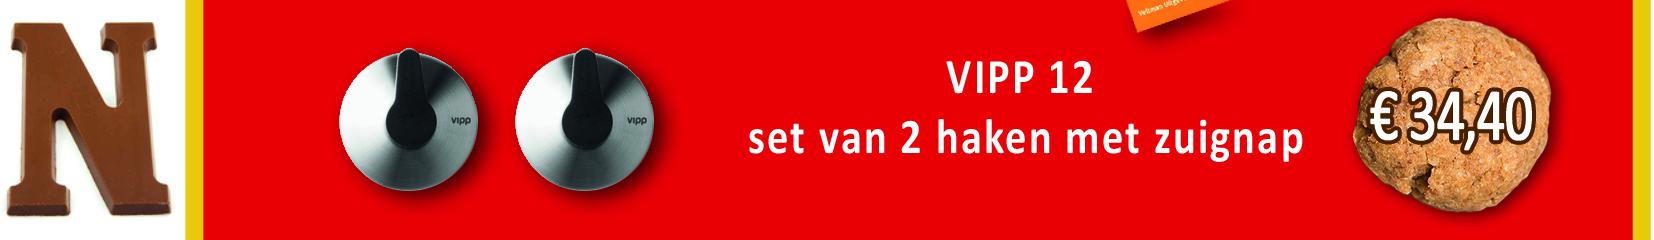 Sinterklaas2015-3